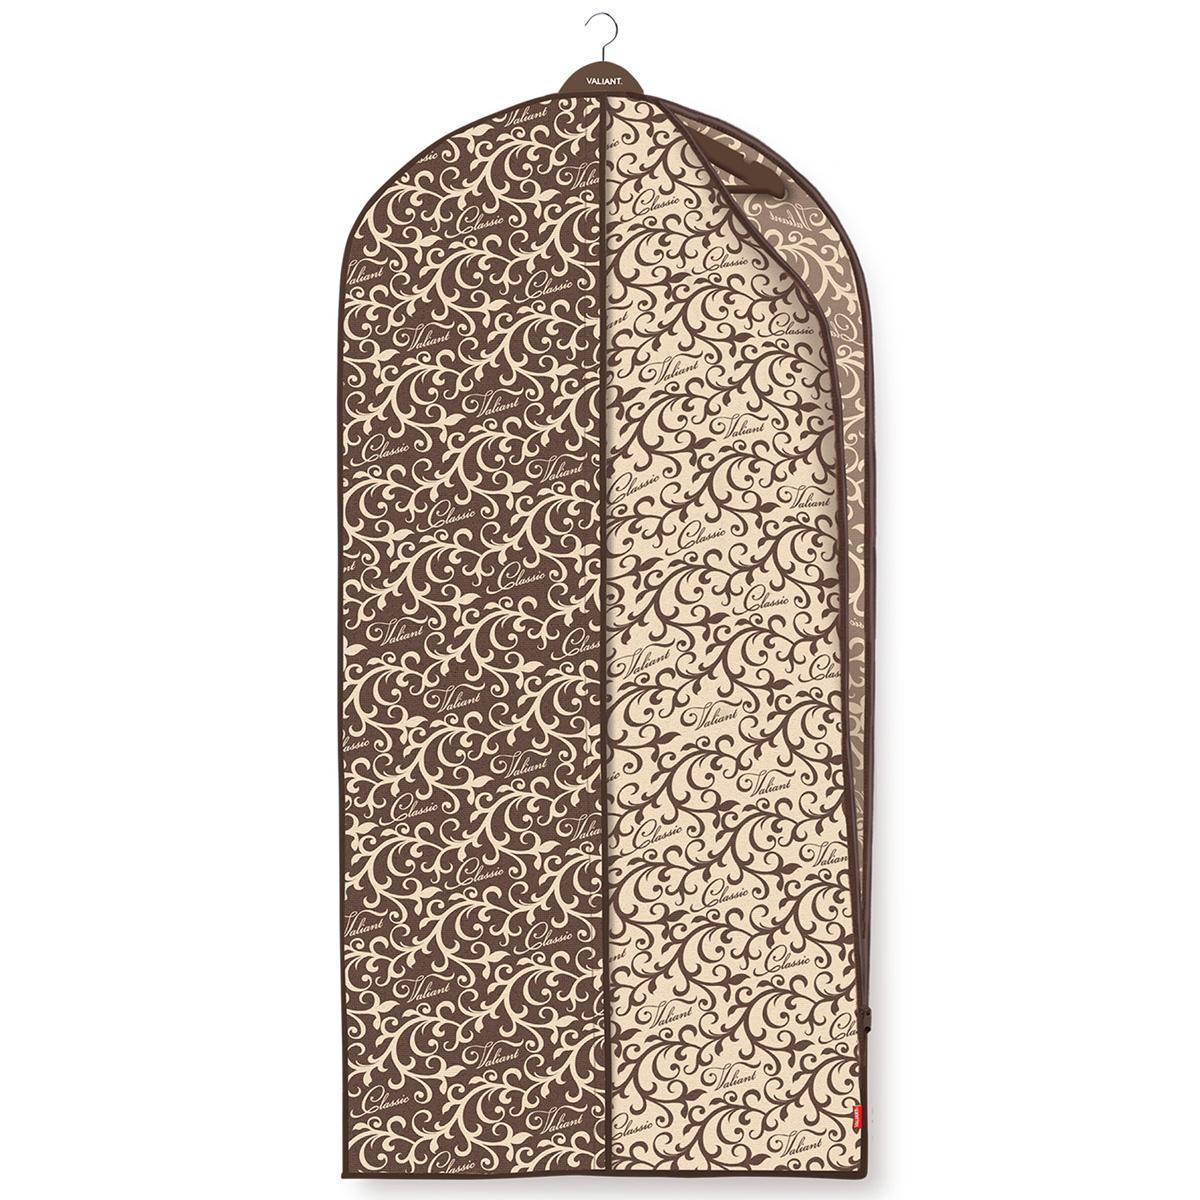 Чехол для одежды Valiant Classic, с боковой молнией, 60 см х 137 смCL-CZ-137Чехол для одежды Valiant Classic изготовлен из высококачественного нетканого материала (спанбонда), который обеспечивает естественную вентиляцию, позволяя воздуху проникать внутрь, но не пропускает пыль. Чехол очень удобен в использовании. Специальная прозрачная вставка позволяет видеть содержимое чехла, не открывая его. Застежка-молния расположена в боковом шве, что обеспечивает легкий доступ к содержимому. Чехол идеально подойдет для транспортировки и хранения одежды. Изысканный дизайн Classic Collection придется по вкусу ценителям классического стиля, он гармонично вписывается в современный классический гардероб.Системы хранения в едином дизайне сделают вашу гардеробную красивой и невероятно стильной.